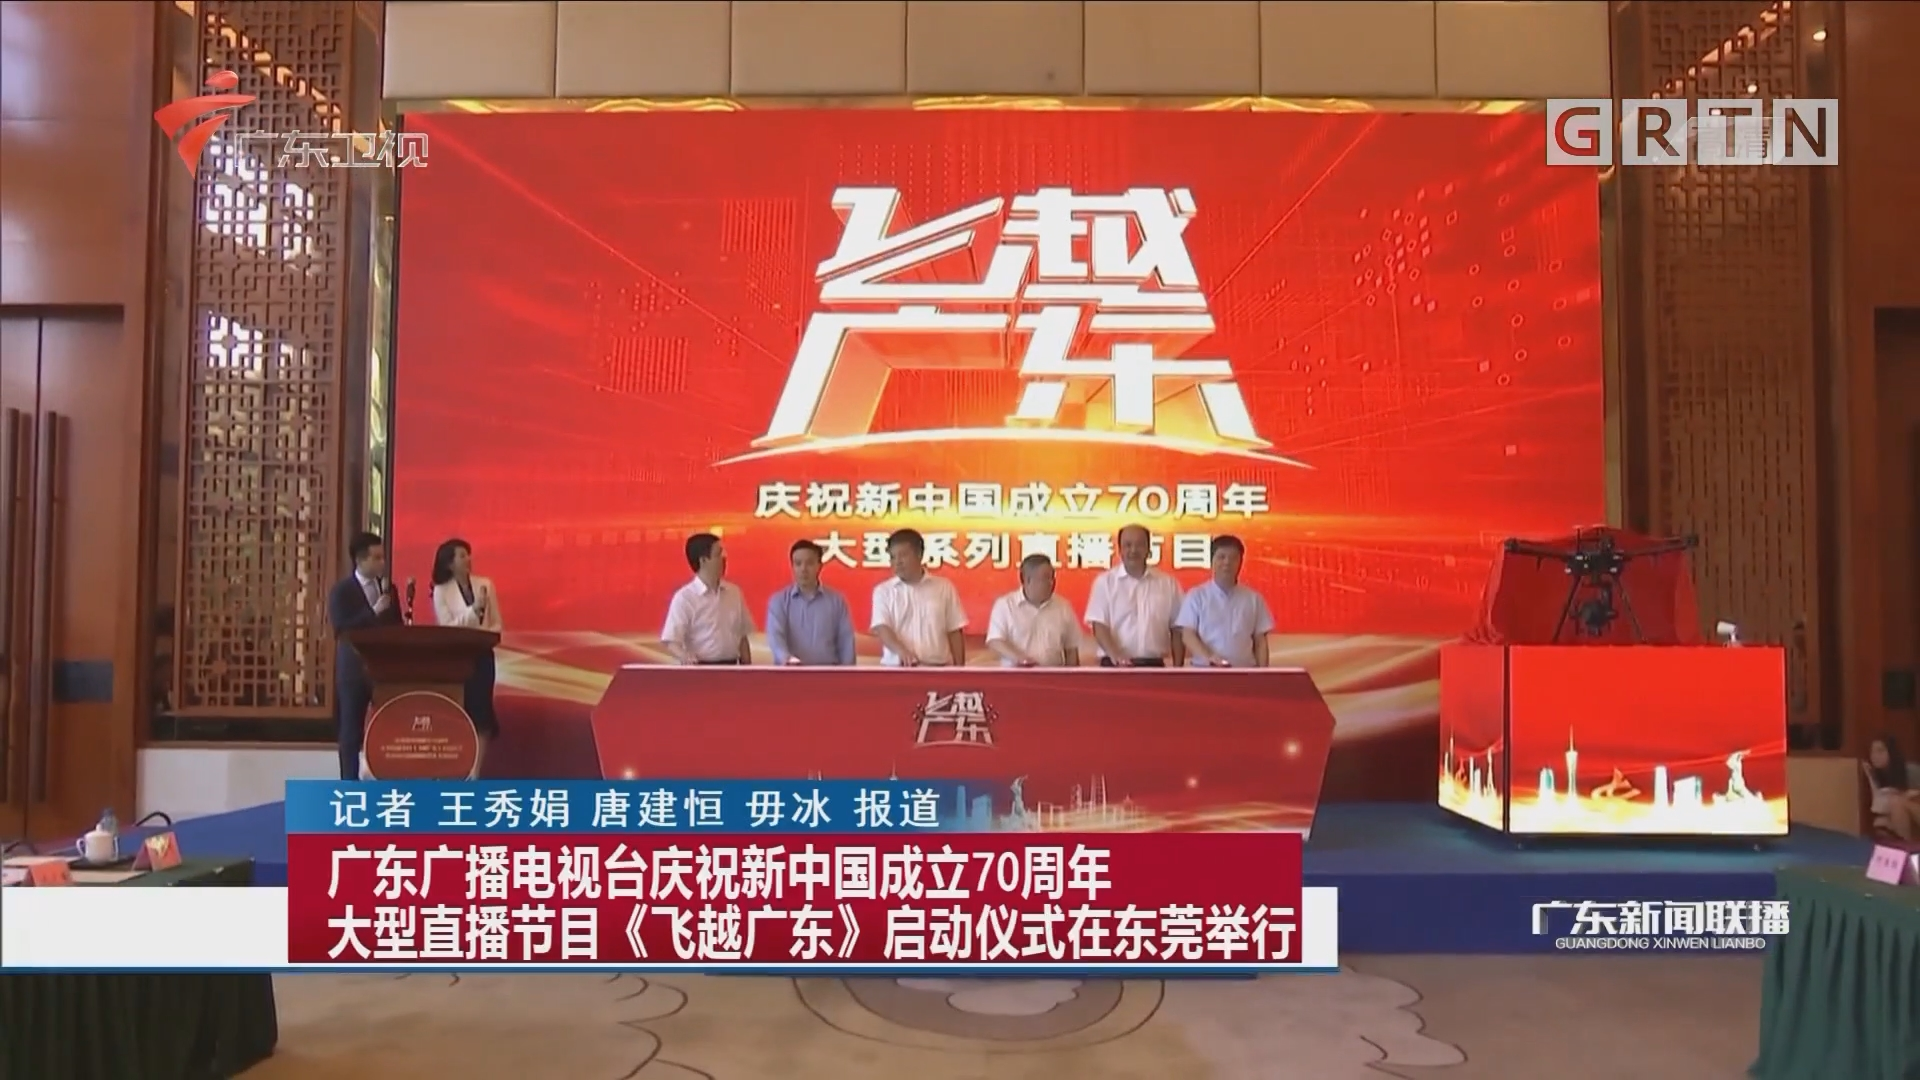 广东广播电视台庆祝新中国成立70周年 大型直播节目《飞越广东》启动仪式在东莞举行